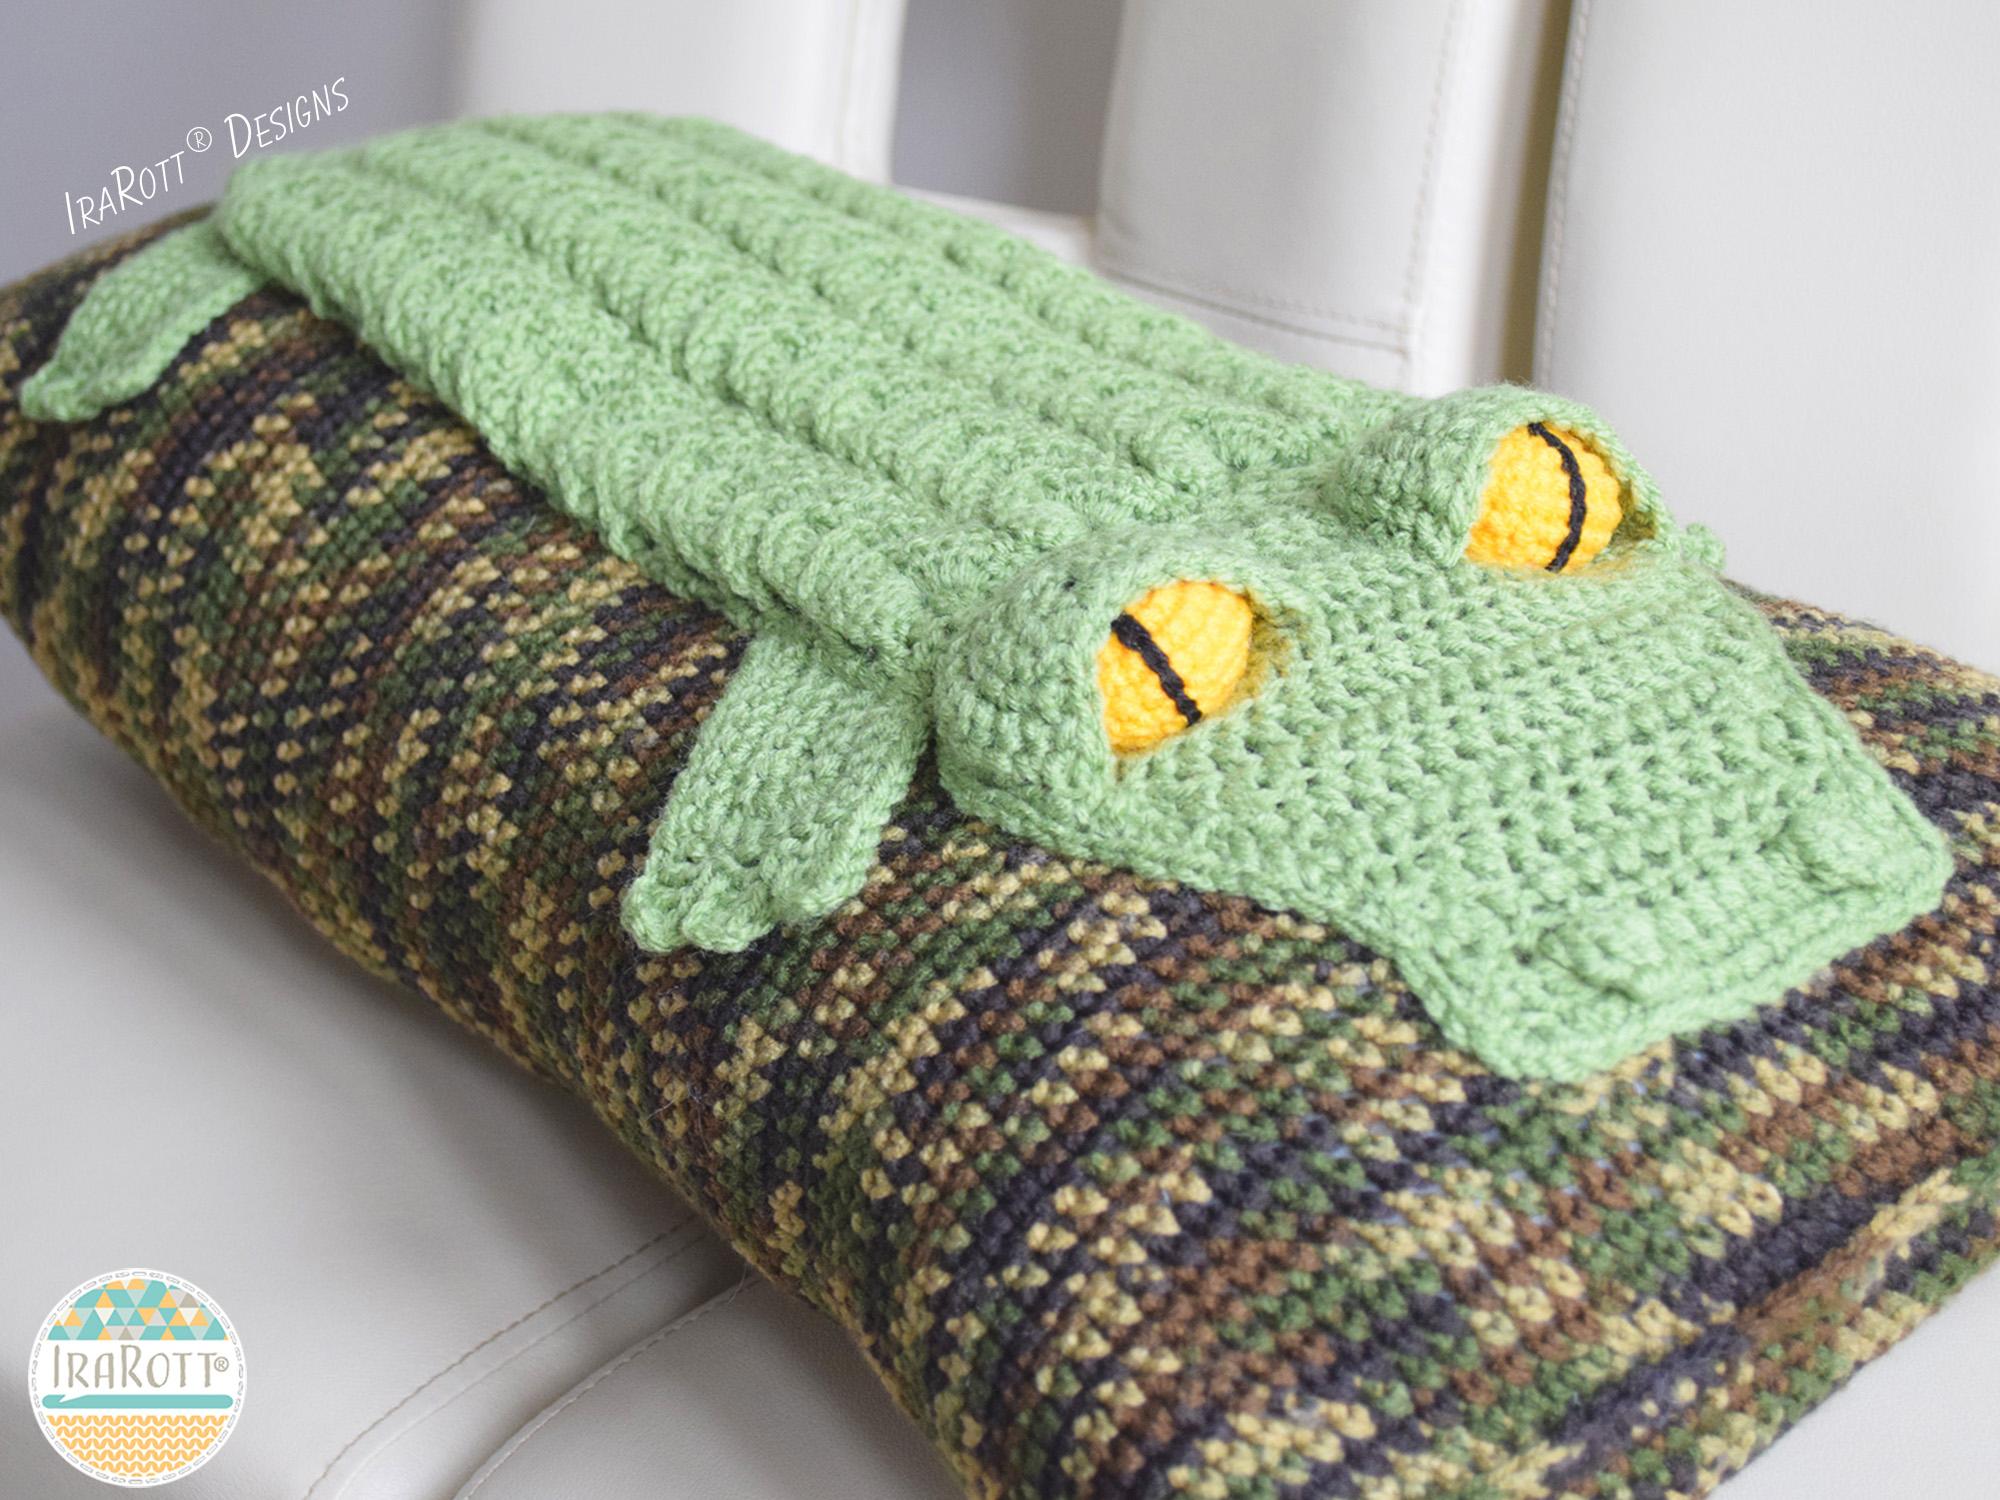 Alligator Stitch Crochet Pattern Images Knitting Patterns Free